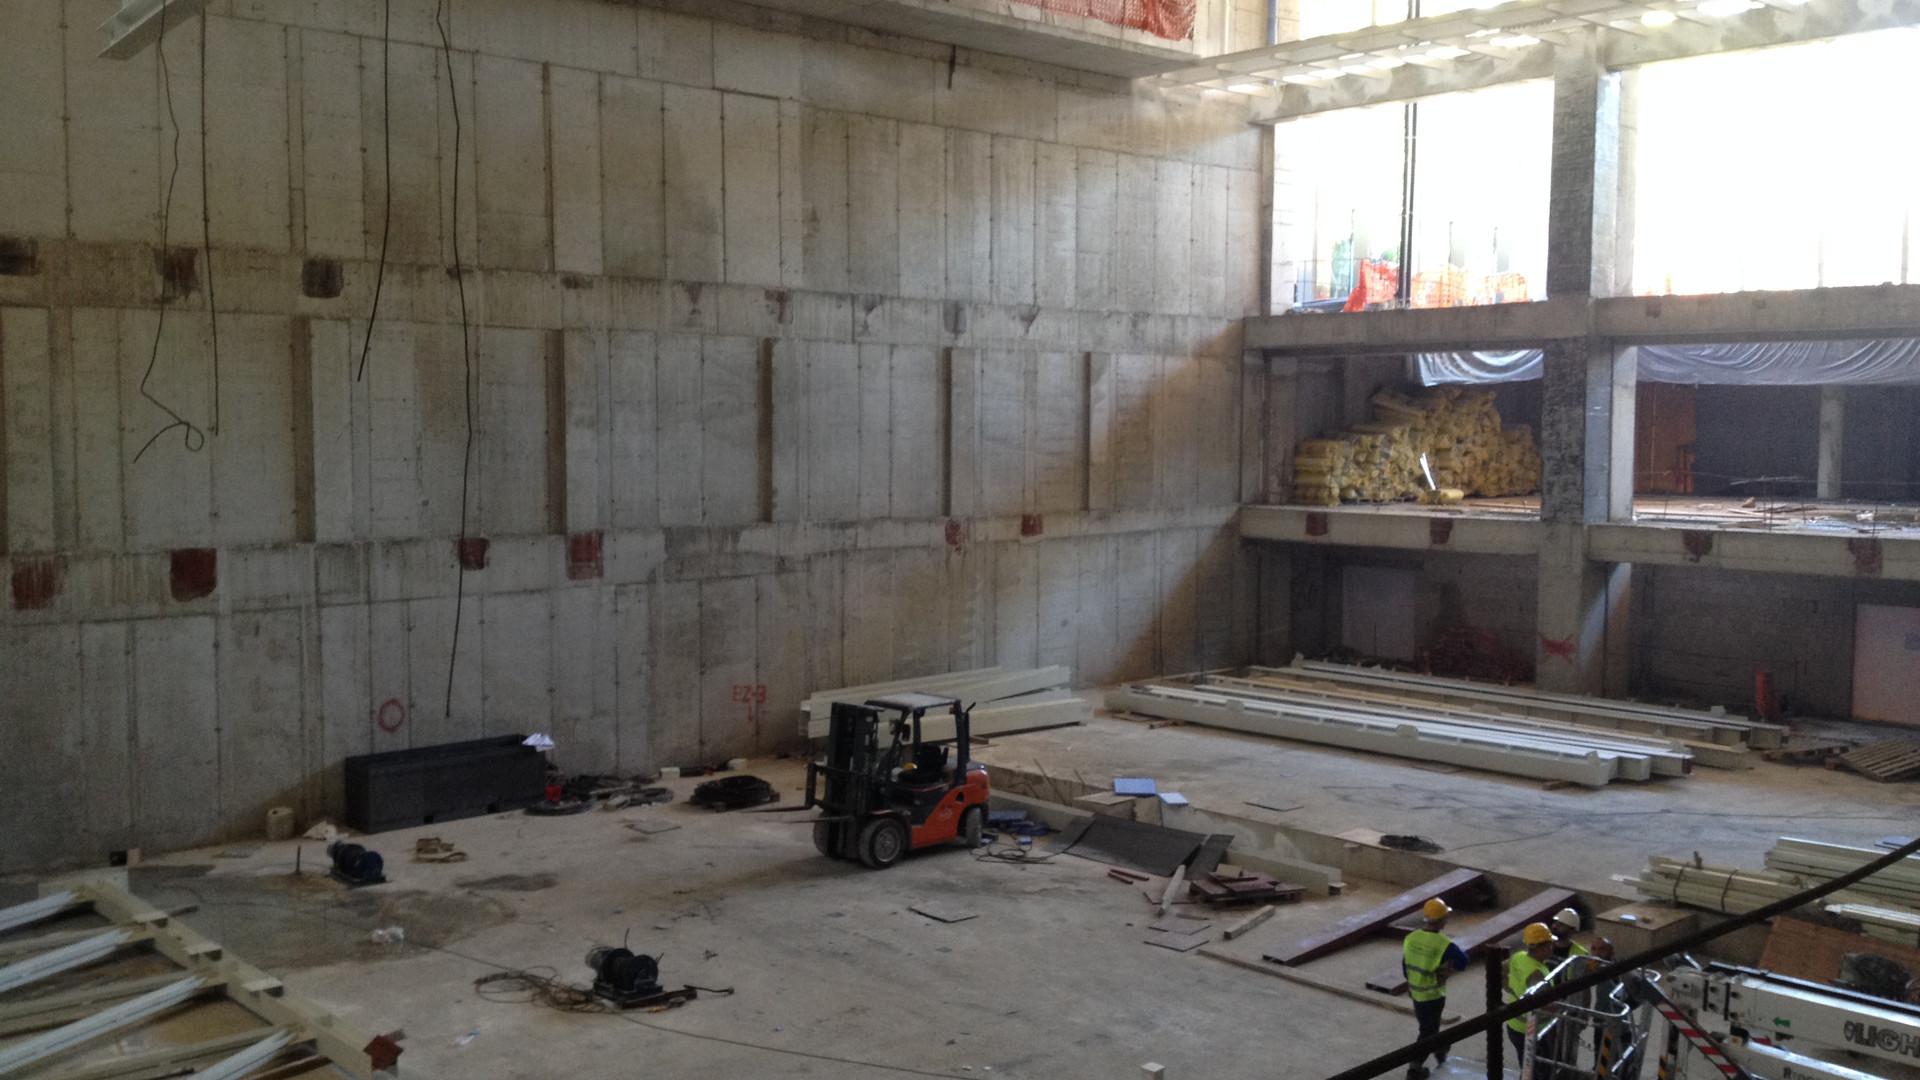 UNIQ HALL ROUGH CONSTRUCTION CONSULTING